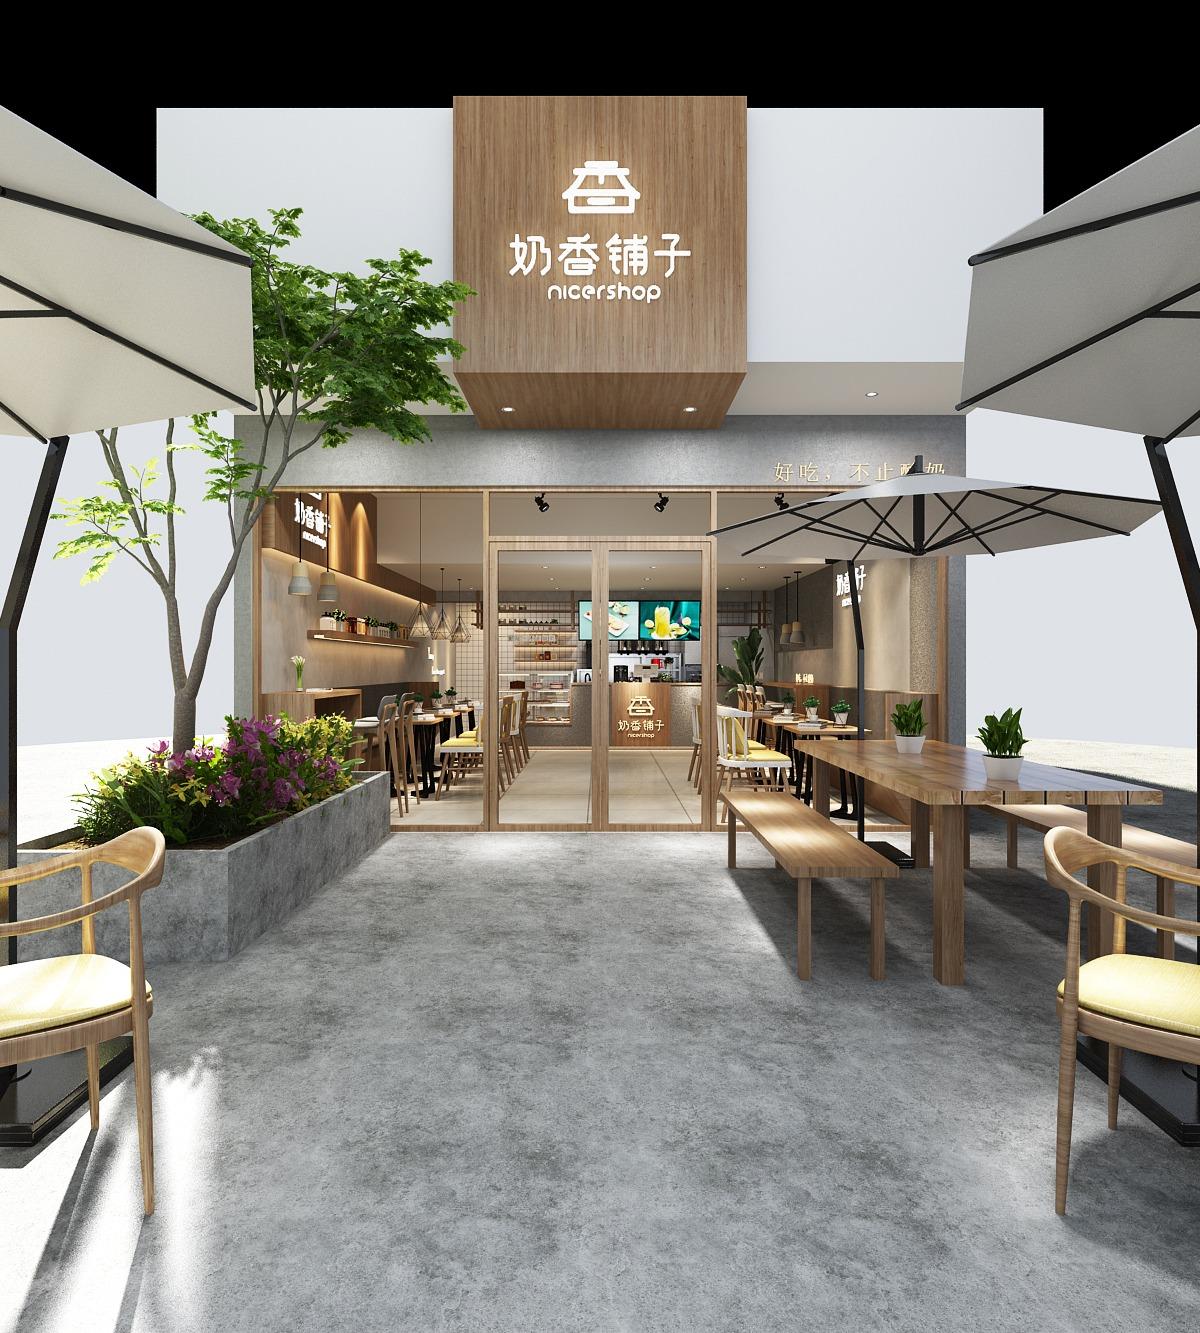 奶茶店面水吧设计咖啡店设计餐饮店铺设计果汁饮品甜品店设计